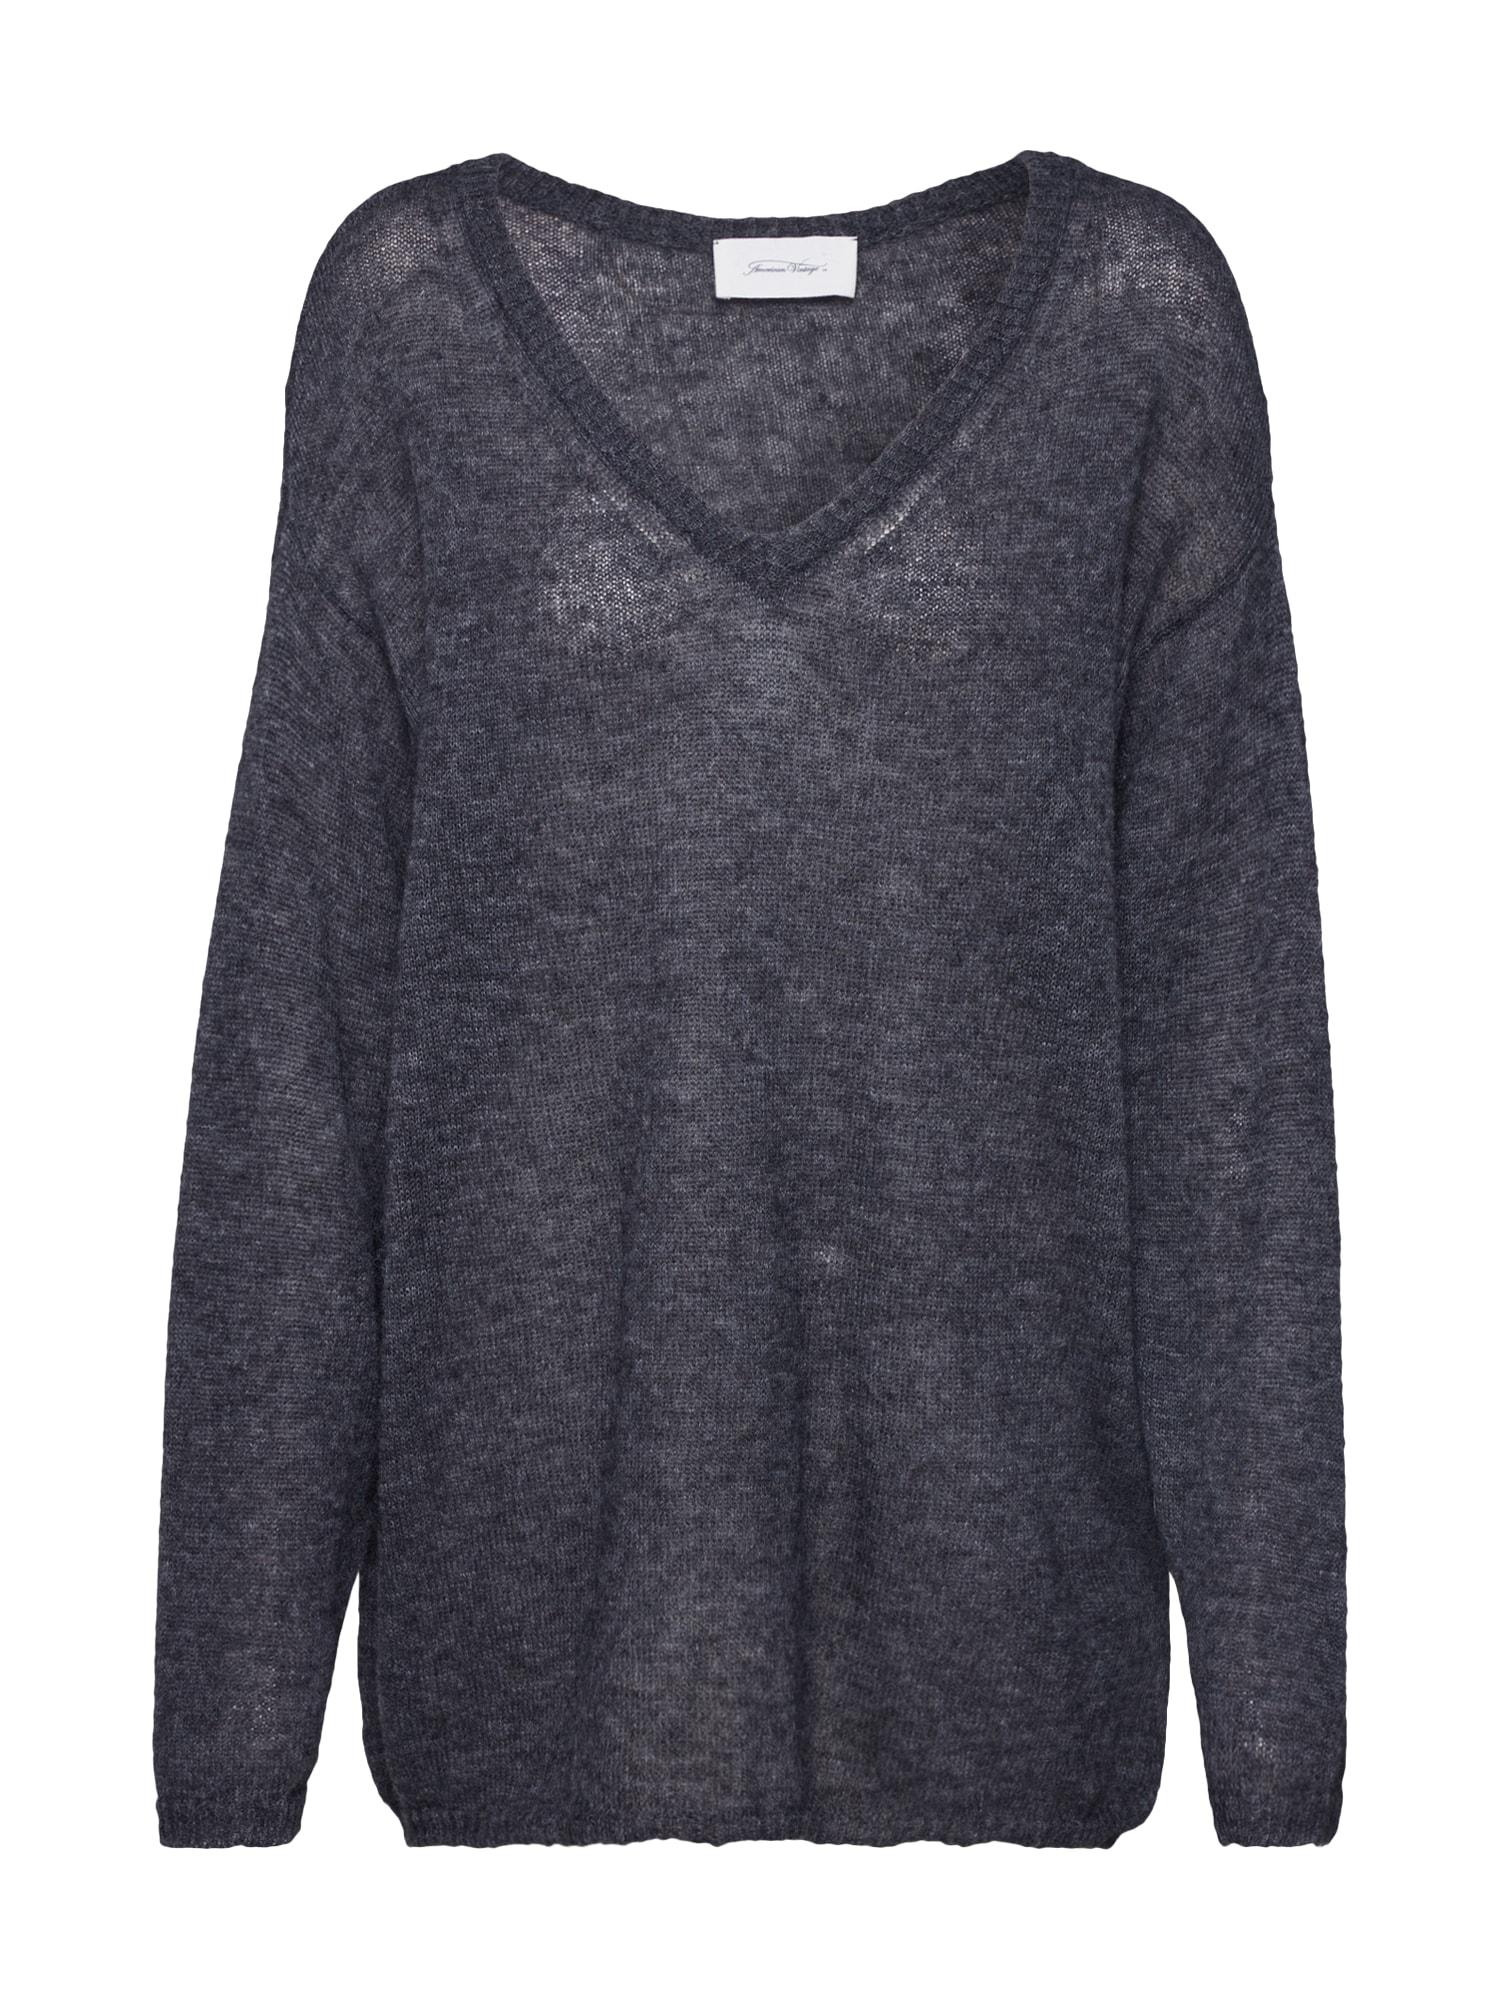 AMERICAN VINTAGE Megztinis tamsiai pilka